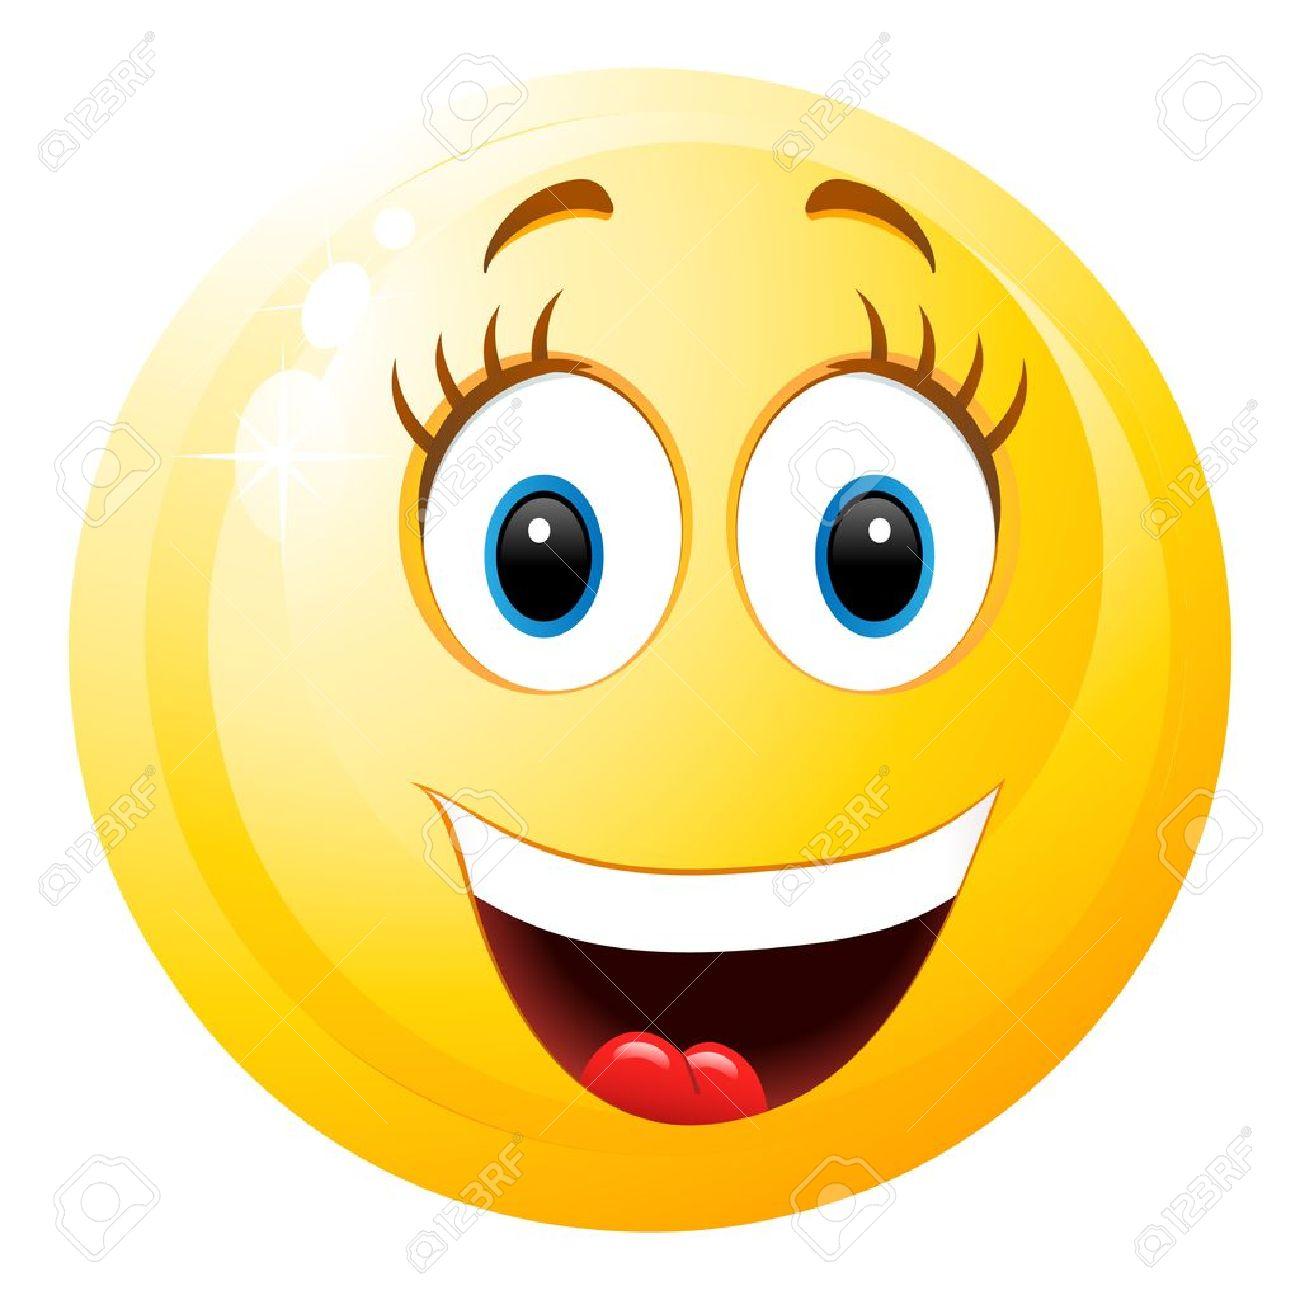 Lachender Smiley Mädchen Lizenzfrei Nutzbare Vektorgrafiken Clip